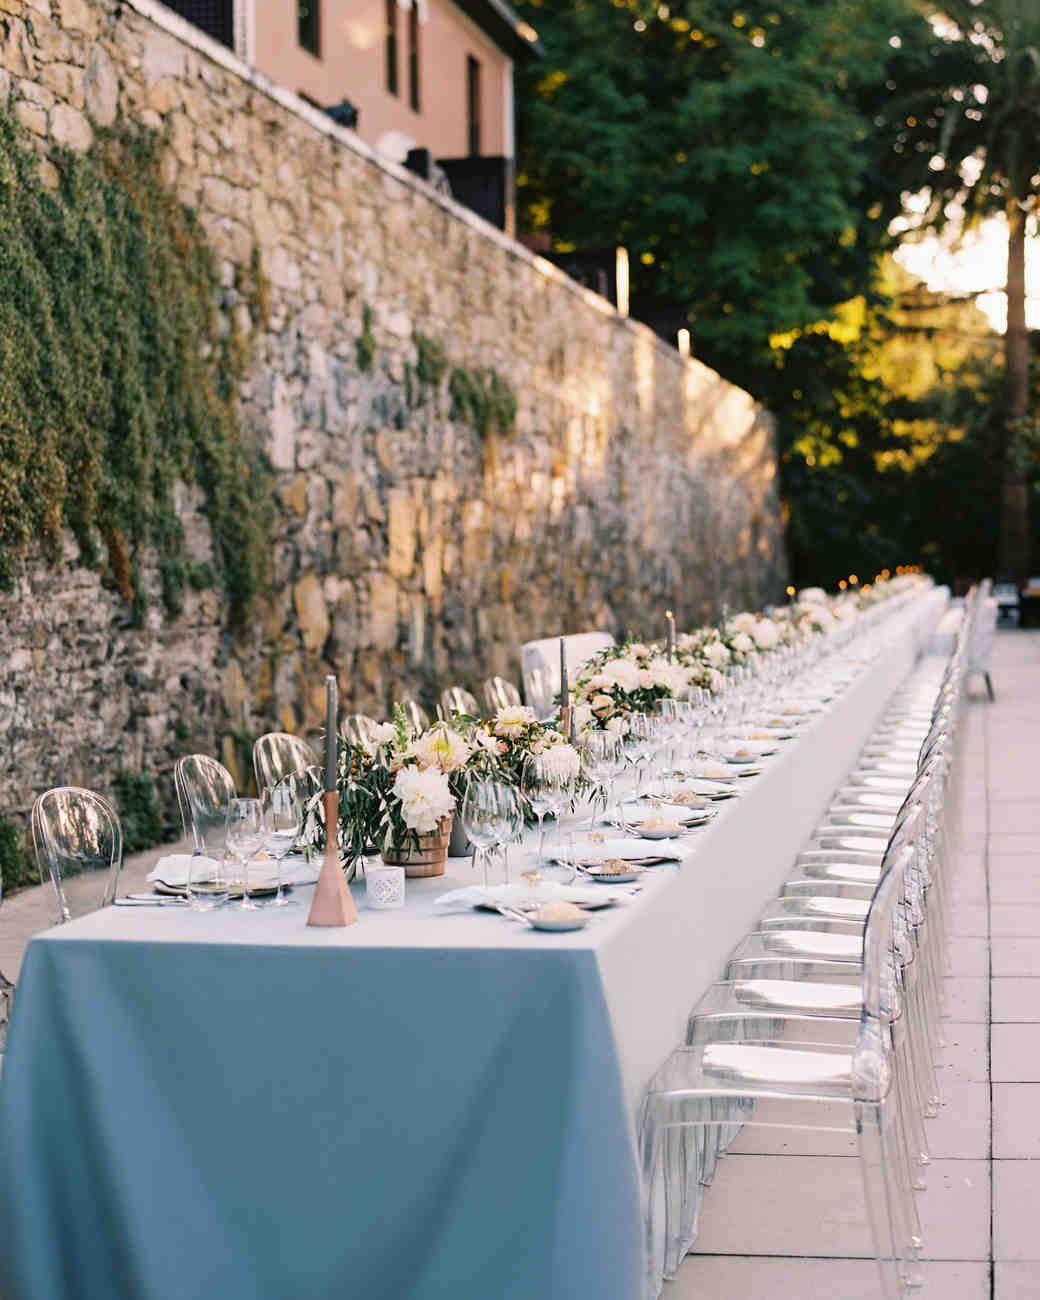 Destination Wedding Reception Ideas: A Three-Day Destination Wedding In Portugal